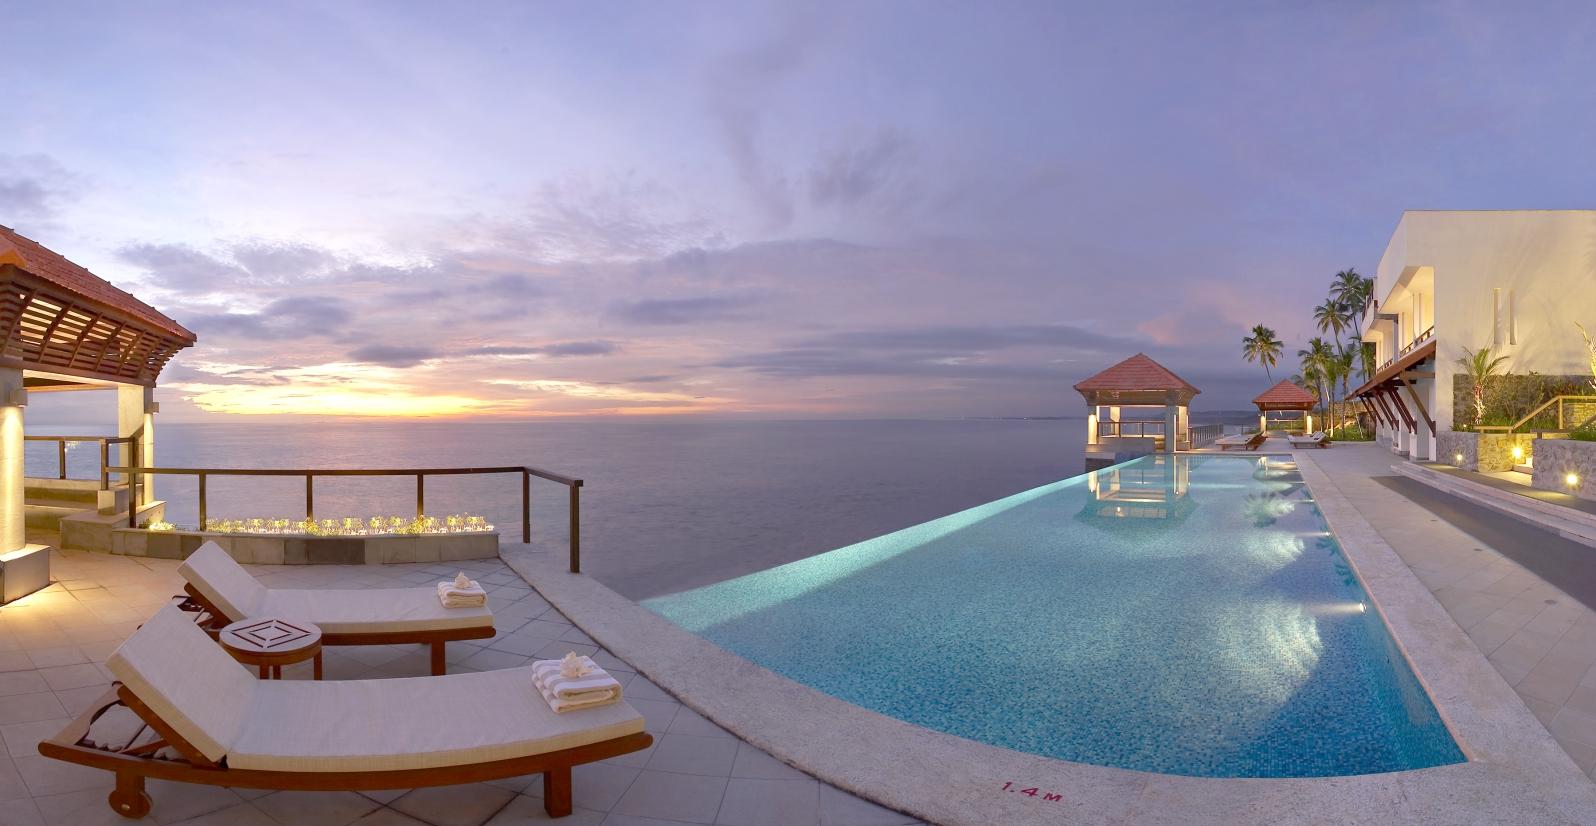 Hoteles en india for Hoteles con piscinas naturales